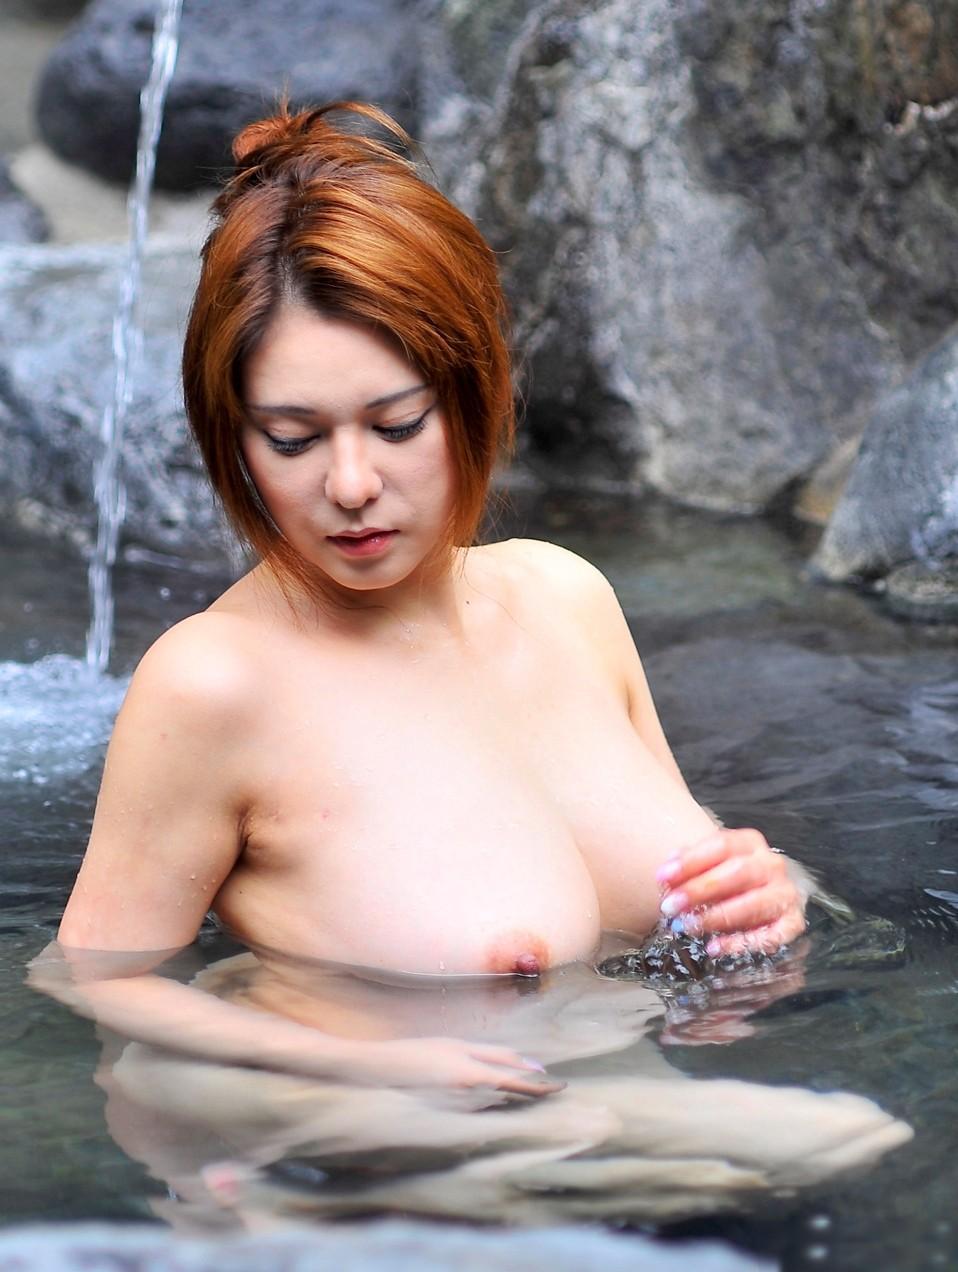 【おっぱいエロ画像】入ったら浮く決まりじゃんw湯船に揺らめく豊穣おっぱい(*´Д`)